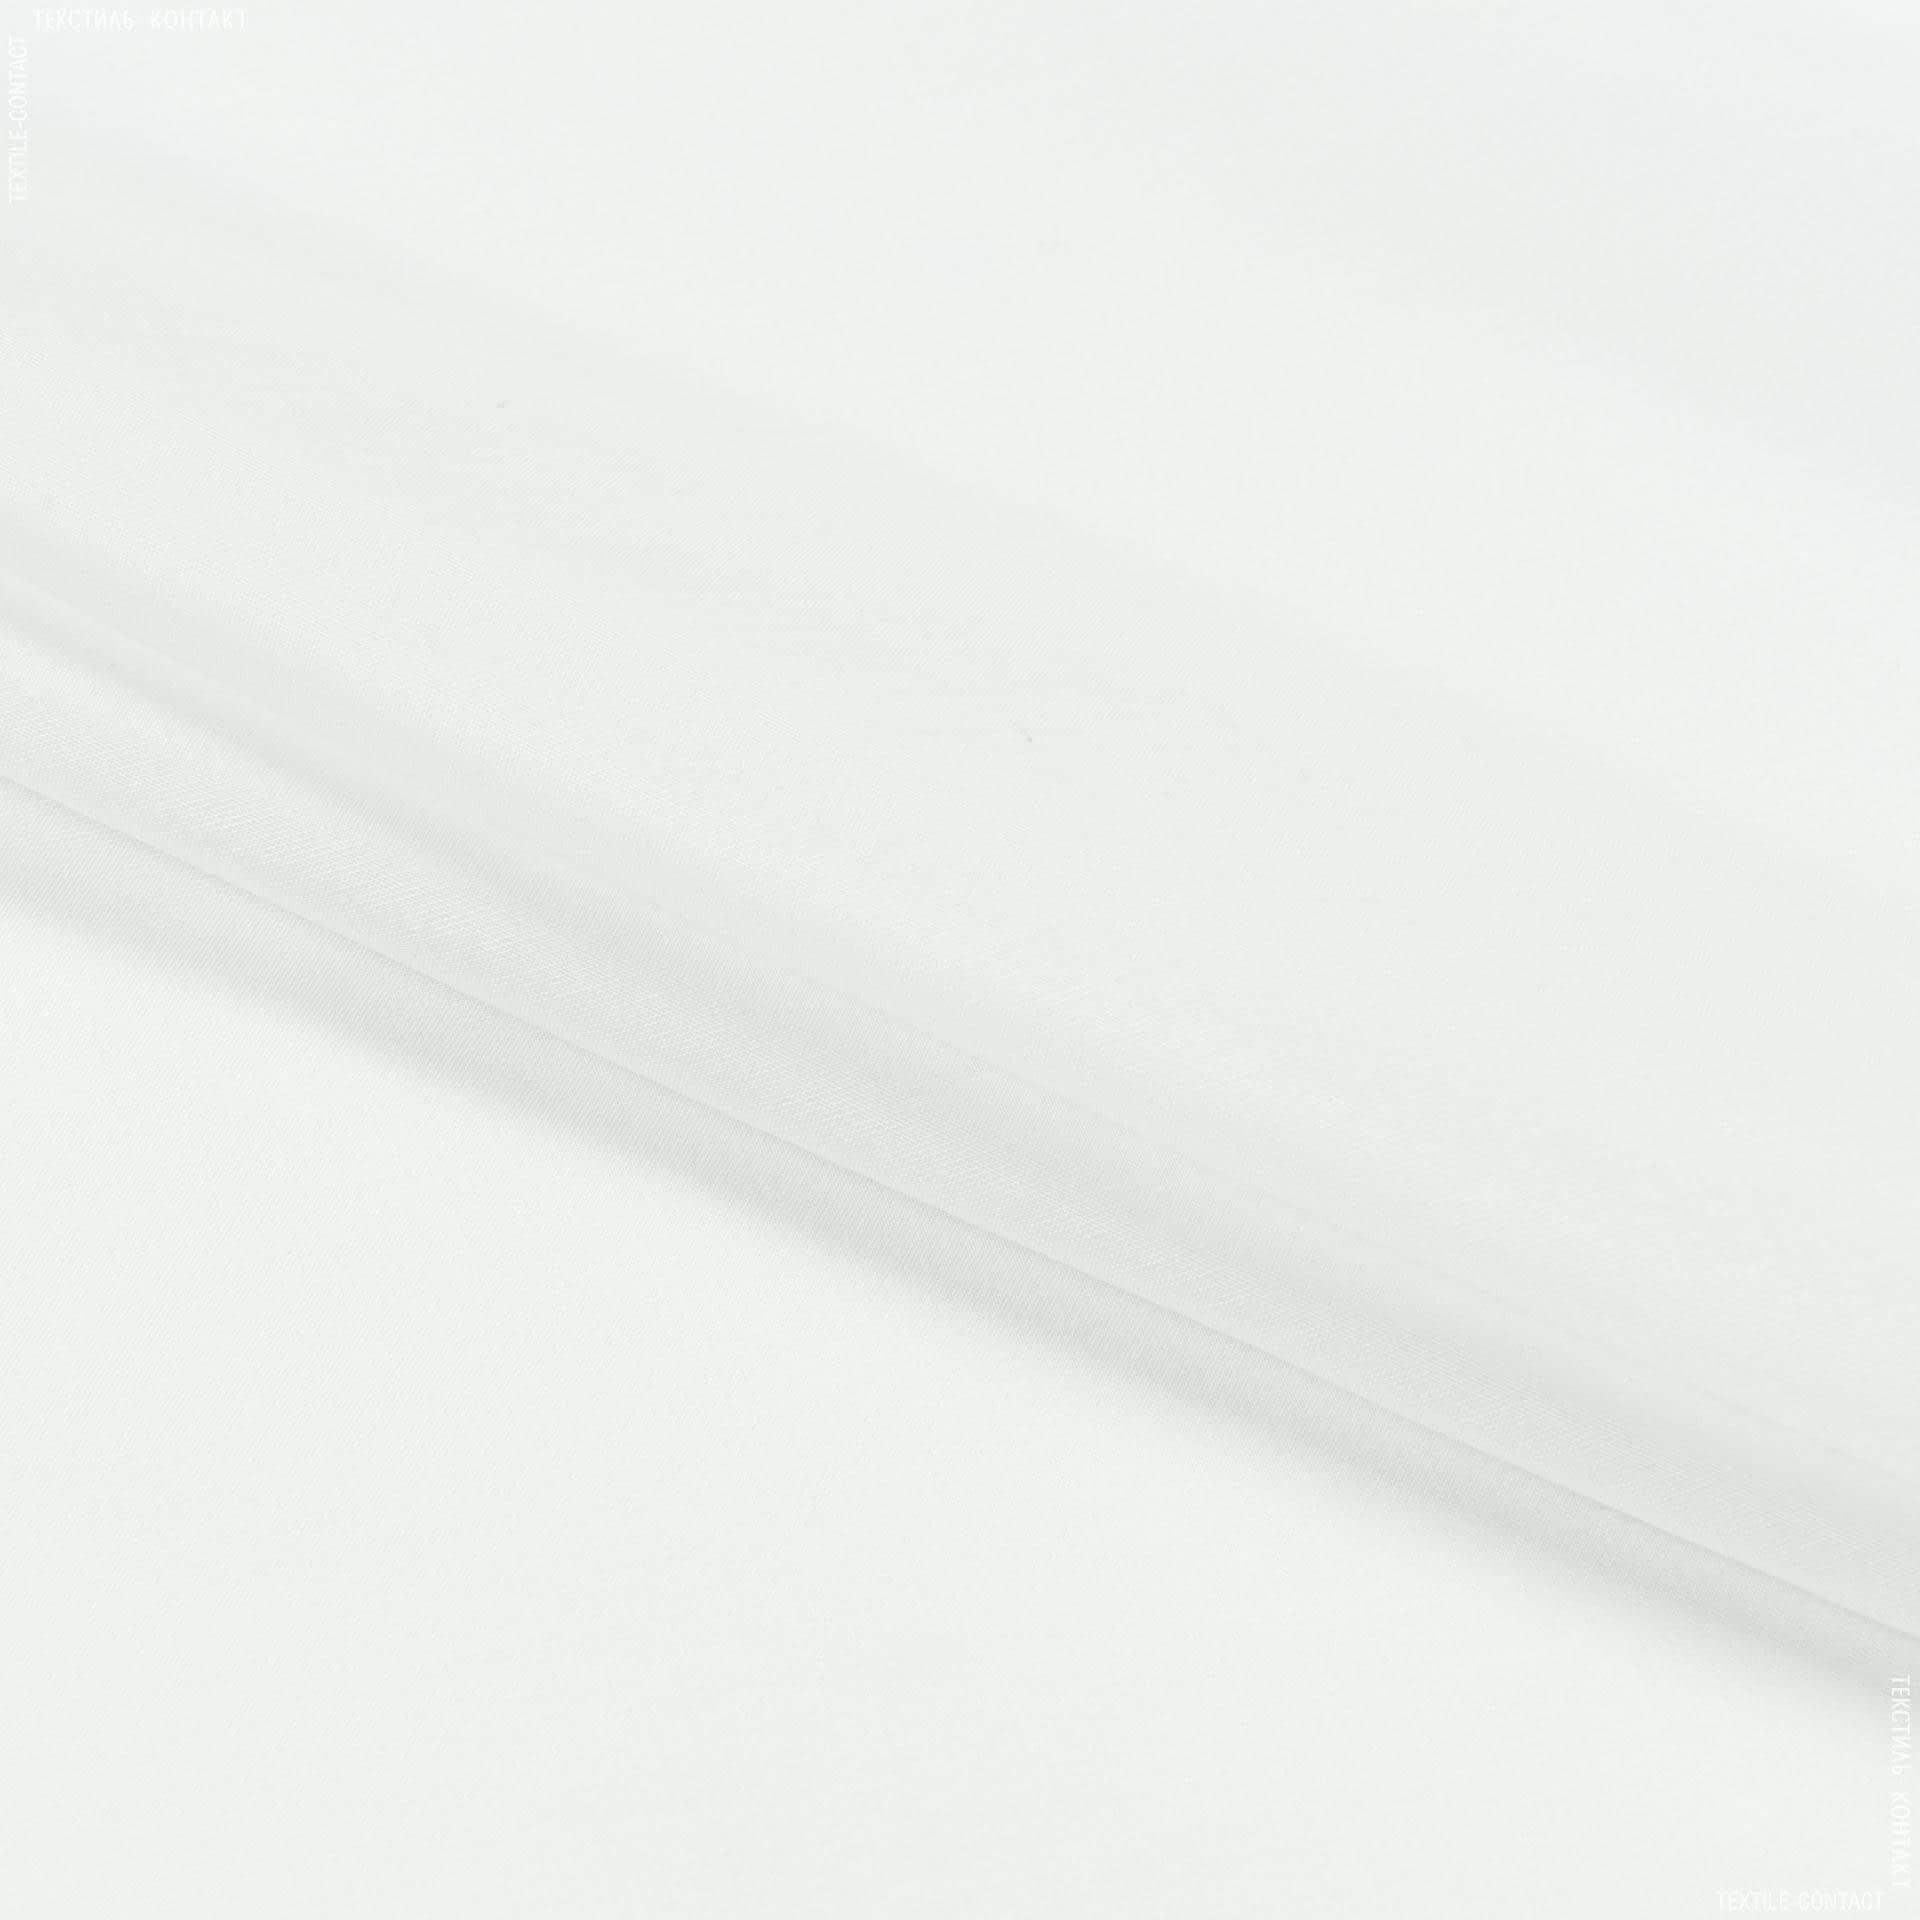 Ткани для драпировки стен и потолков - Тюль батист с утяжелителем порто молочный